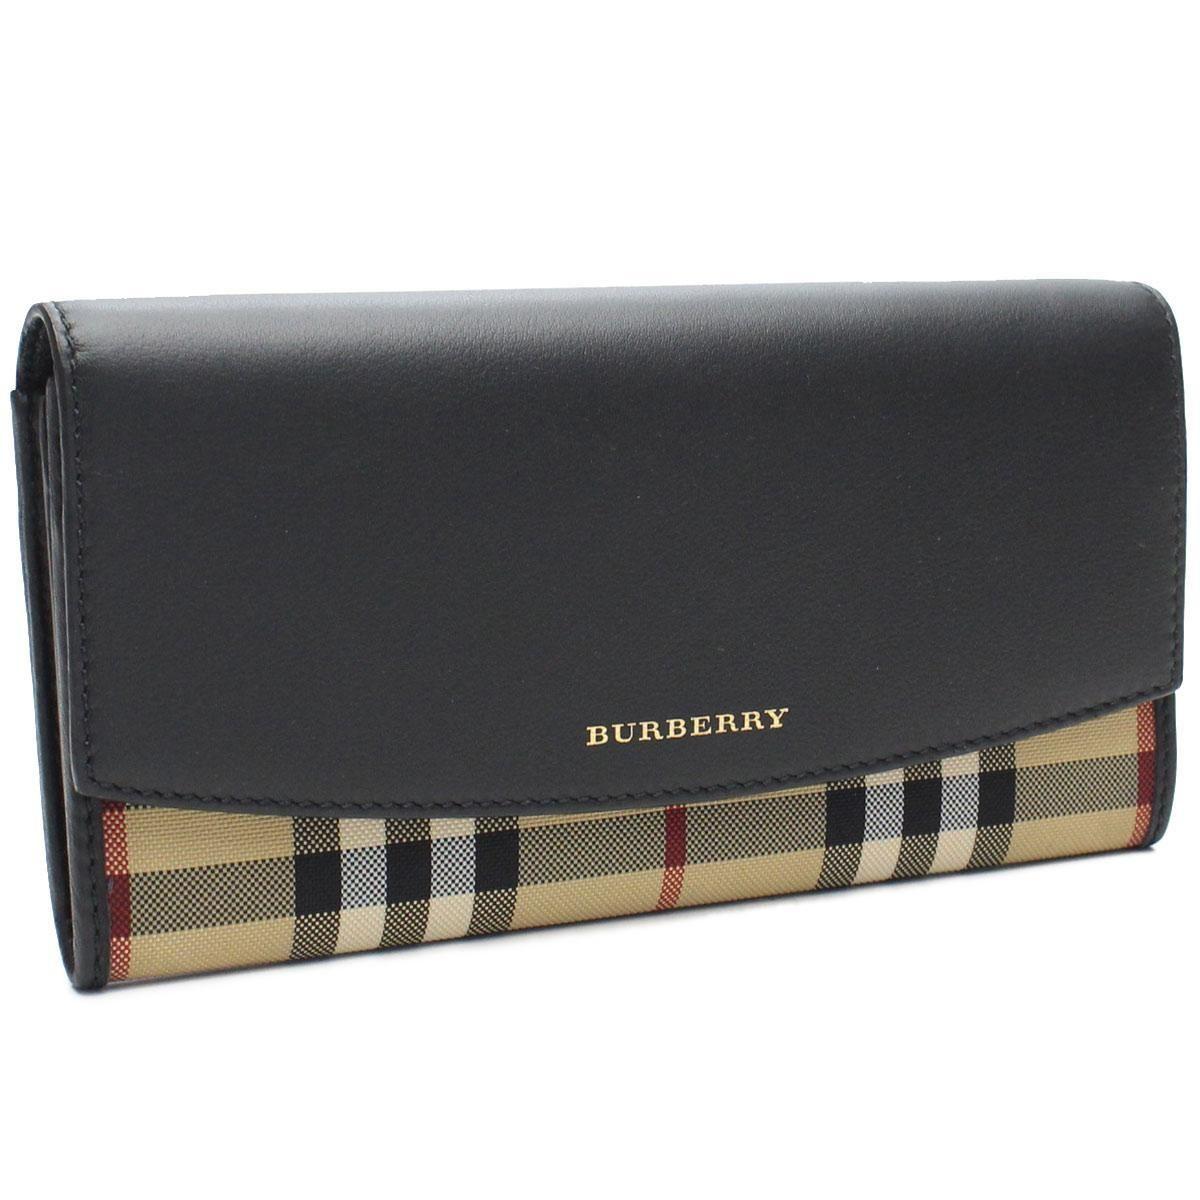 バーバリー (BURBERRY) HORSEFERRY CHECK WALLET バーバリーチェック 長財布二つ折り財布小銭入付き4024987BLACK ブラック マルチカラー